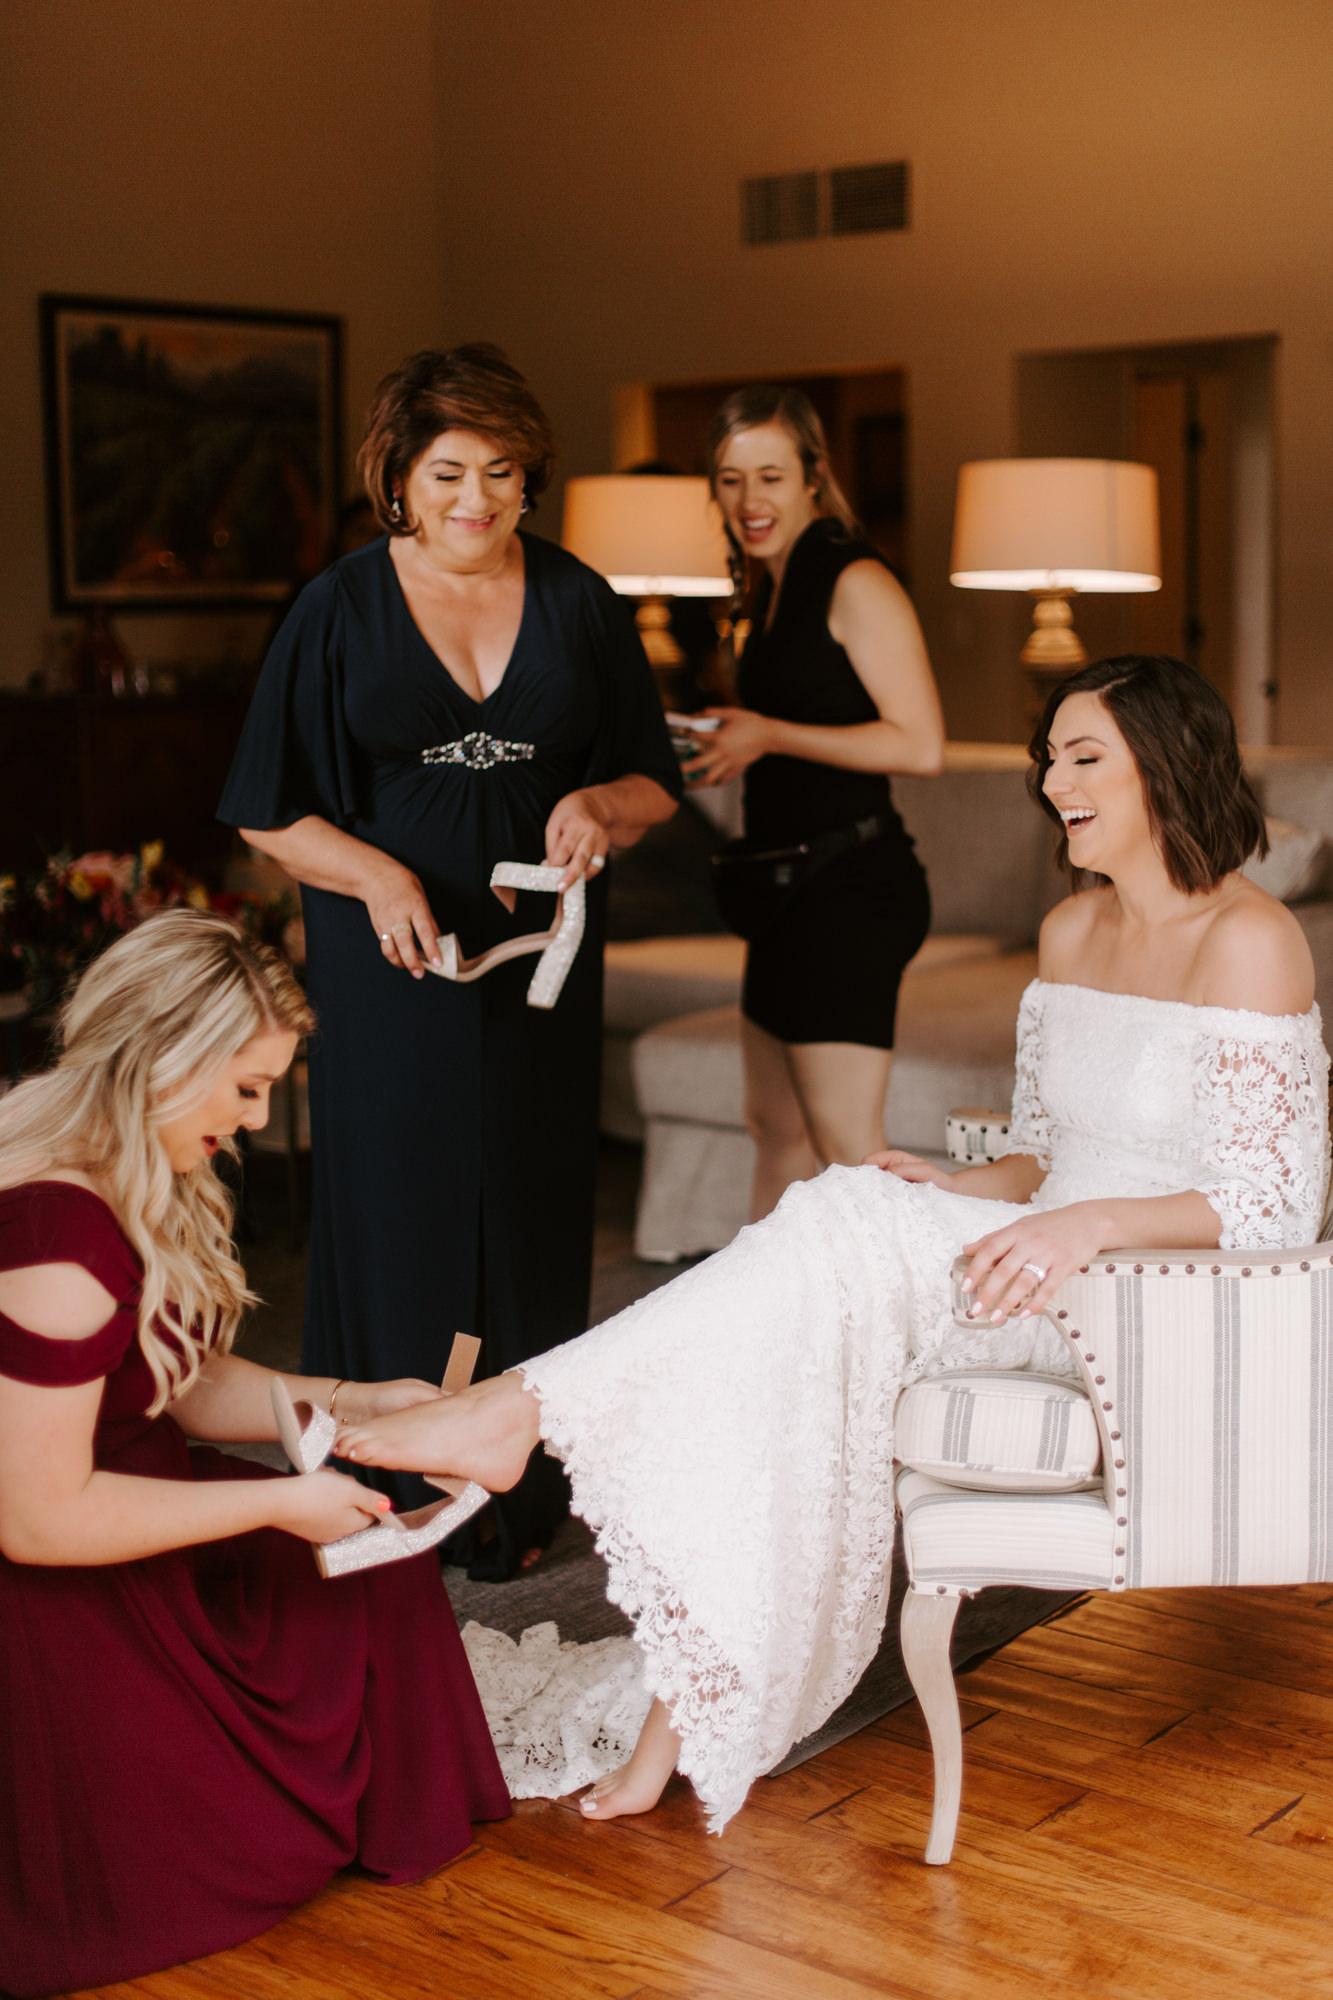 Rancho bernardo Inn san deigo wedding photography0017.jpg